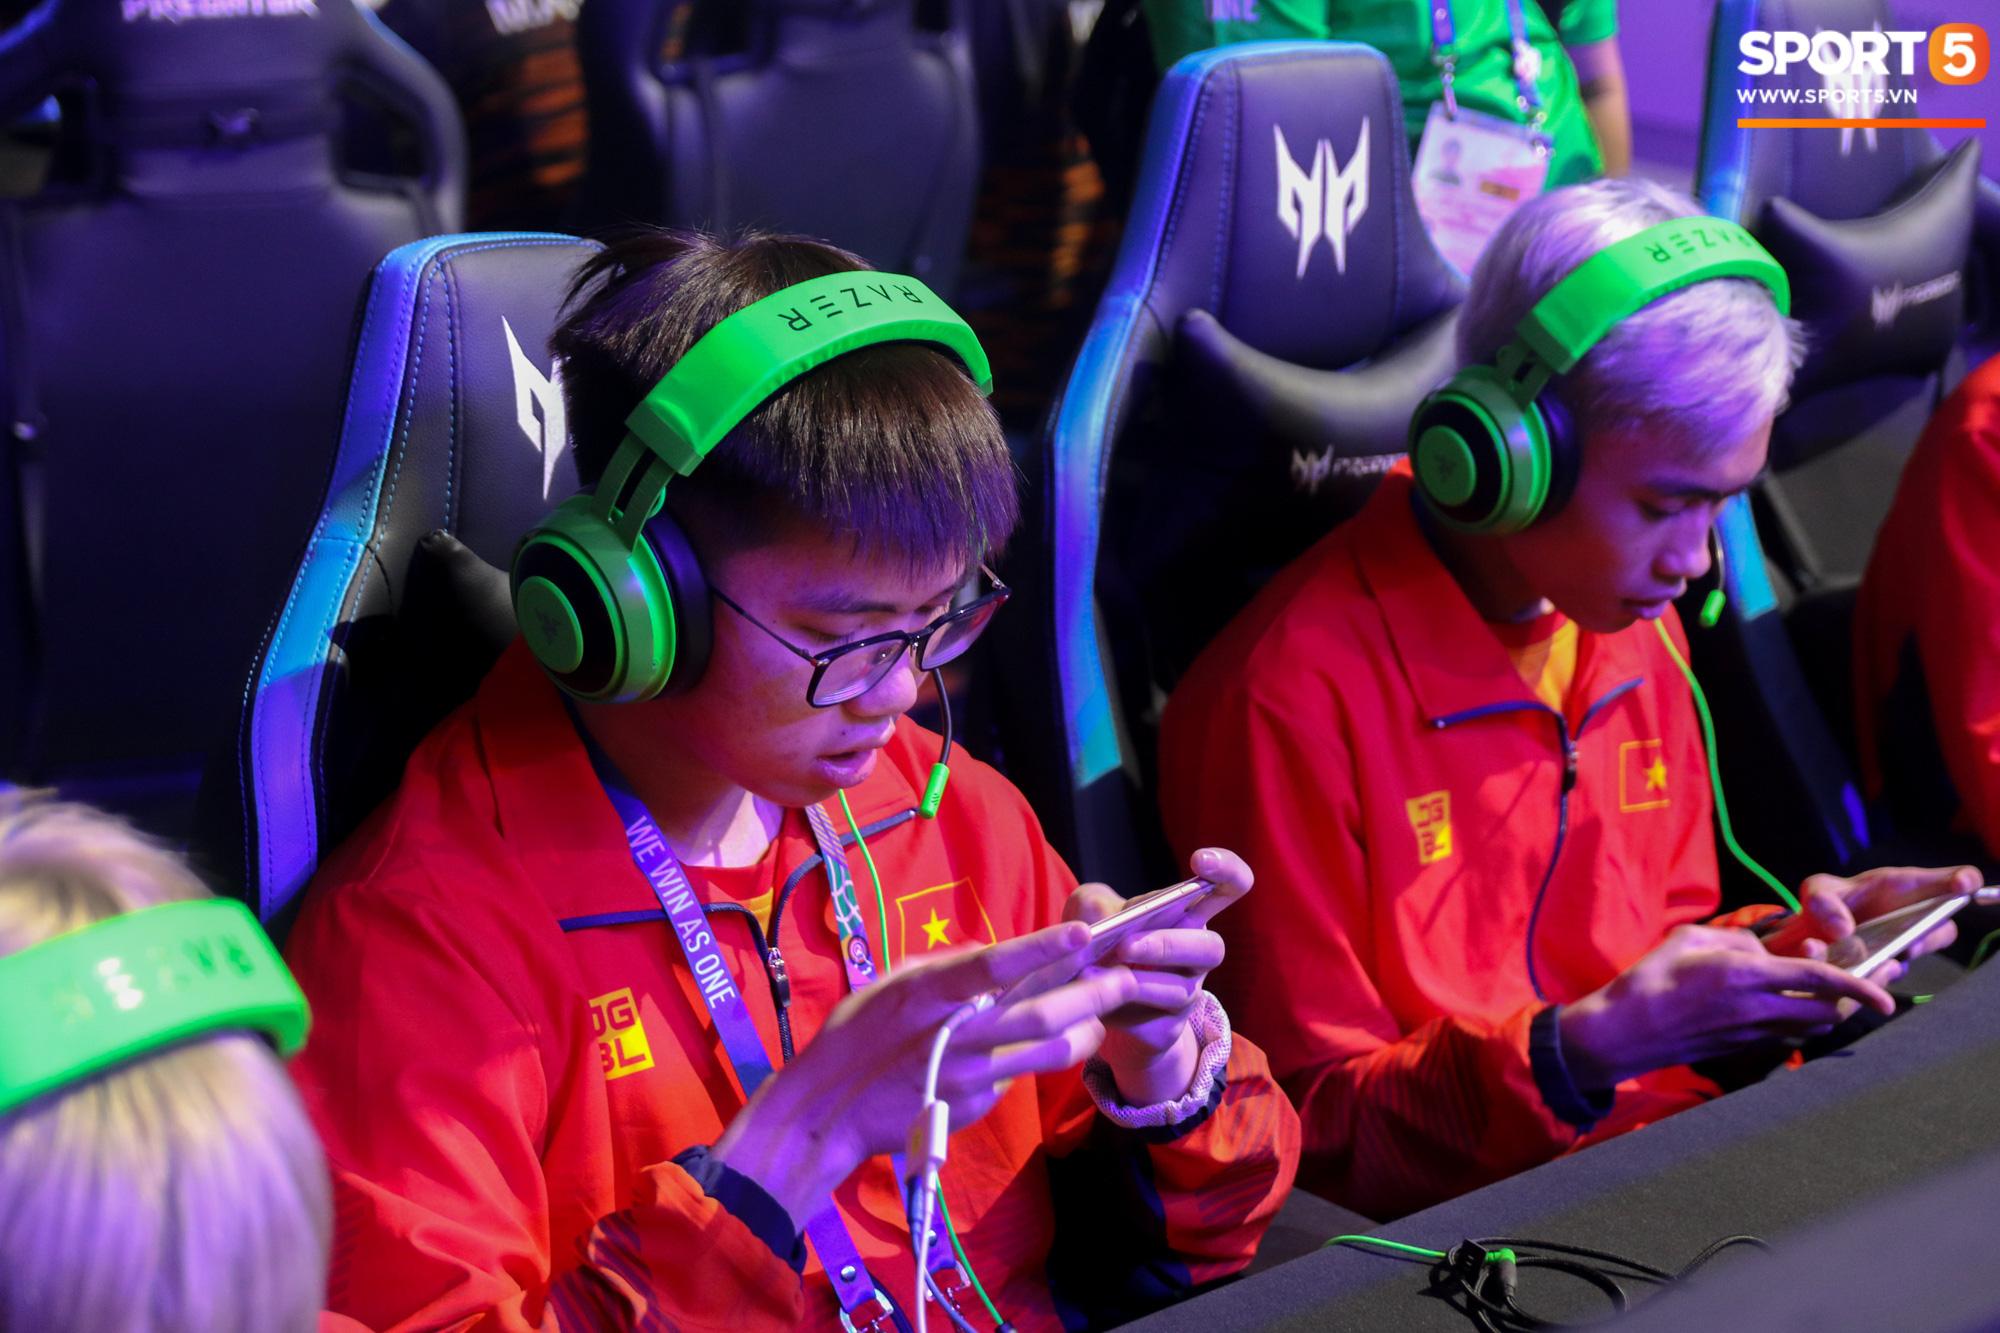 Ngày thi đấu thứ 3 của Esports tại SEA Games 30: Tưởng yên ổn nhưng chủ nhà lại khiến VĐV Việt Nam đau đầu vì sự cố mất mạng, sập nguồn - Ảnh 10.